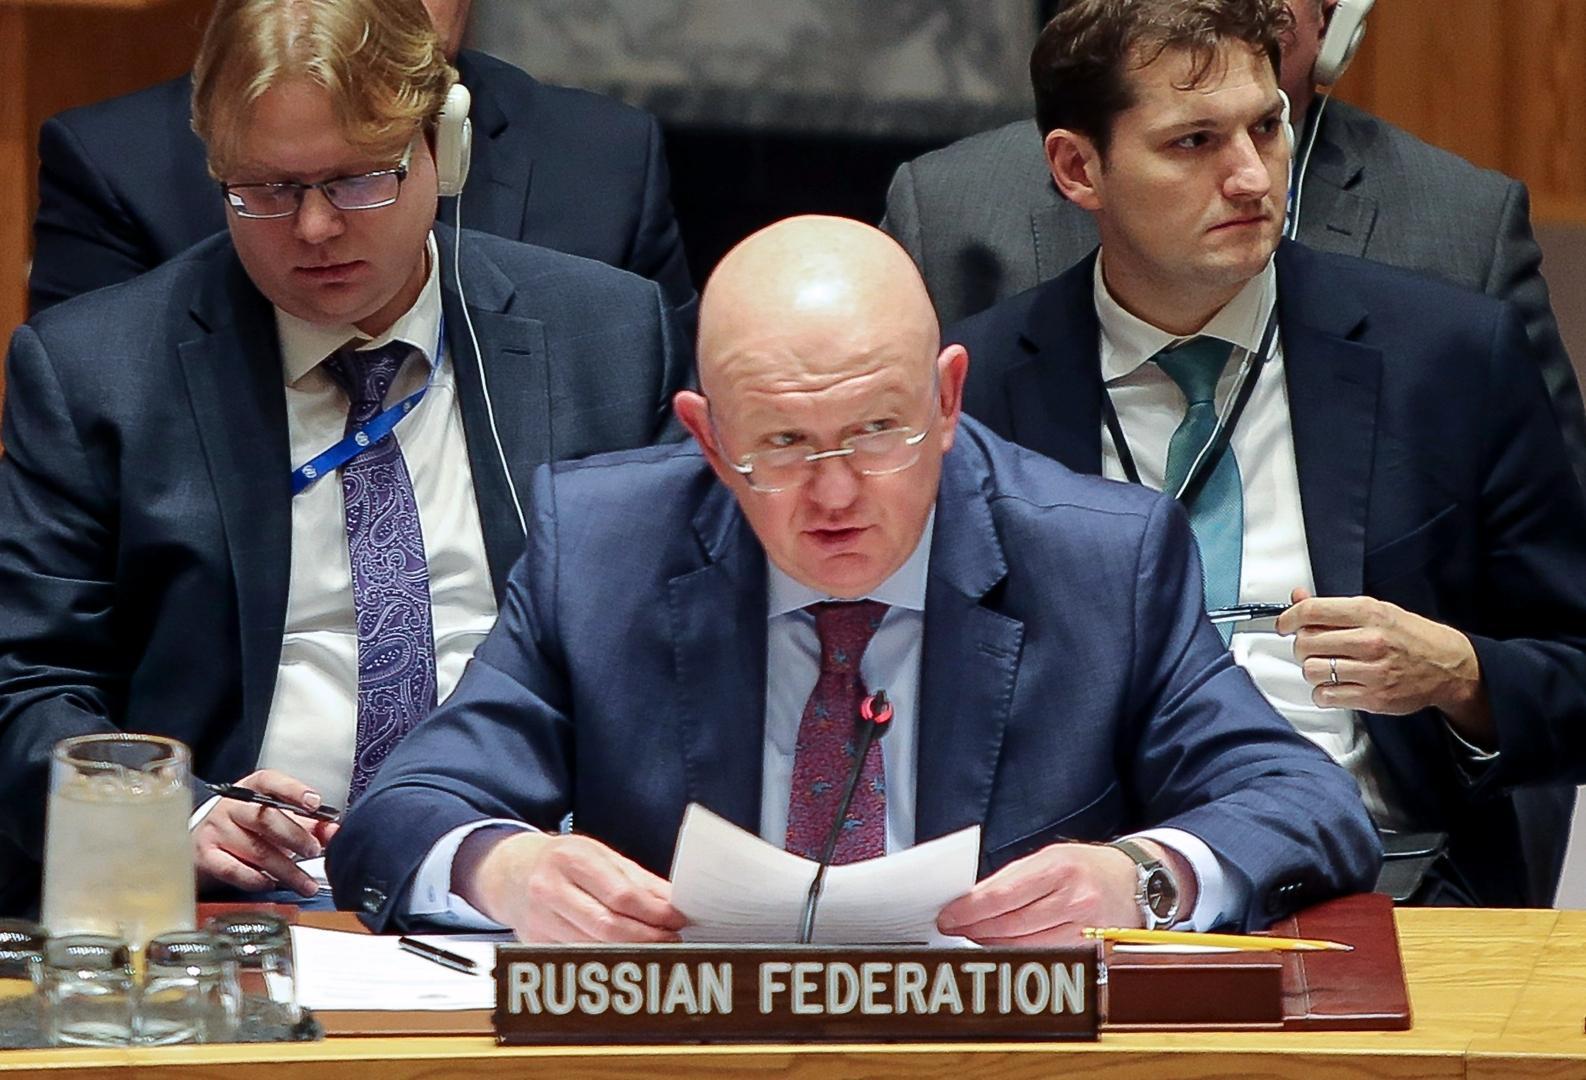 روسيا تمنع إدارج مجموعة مسلحة ليبية على القائمة السوداء للأمم المتحدة